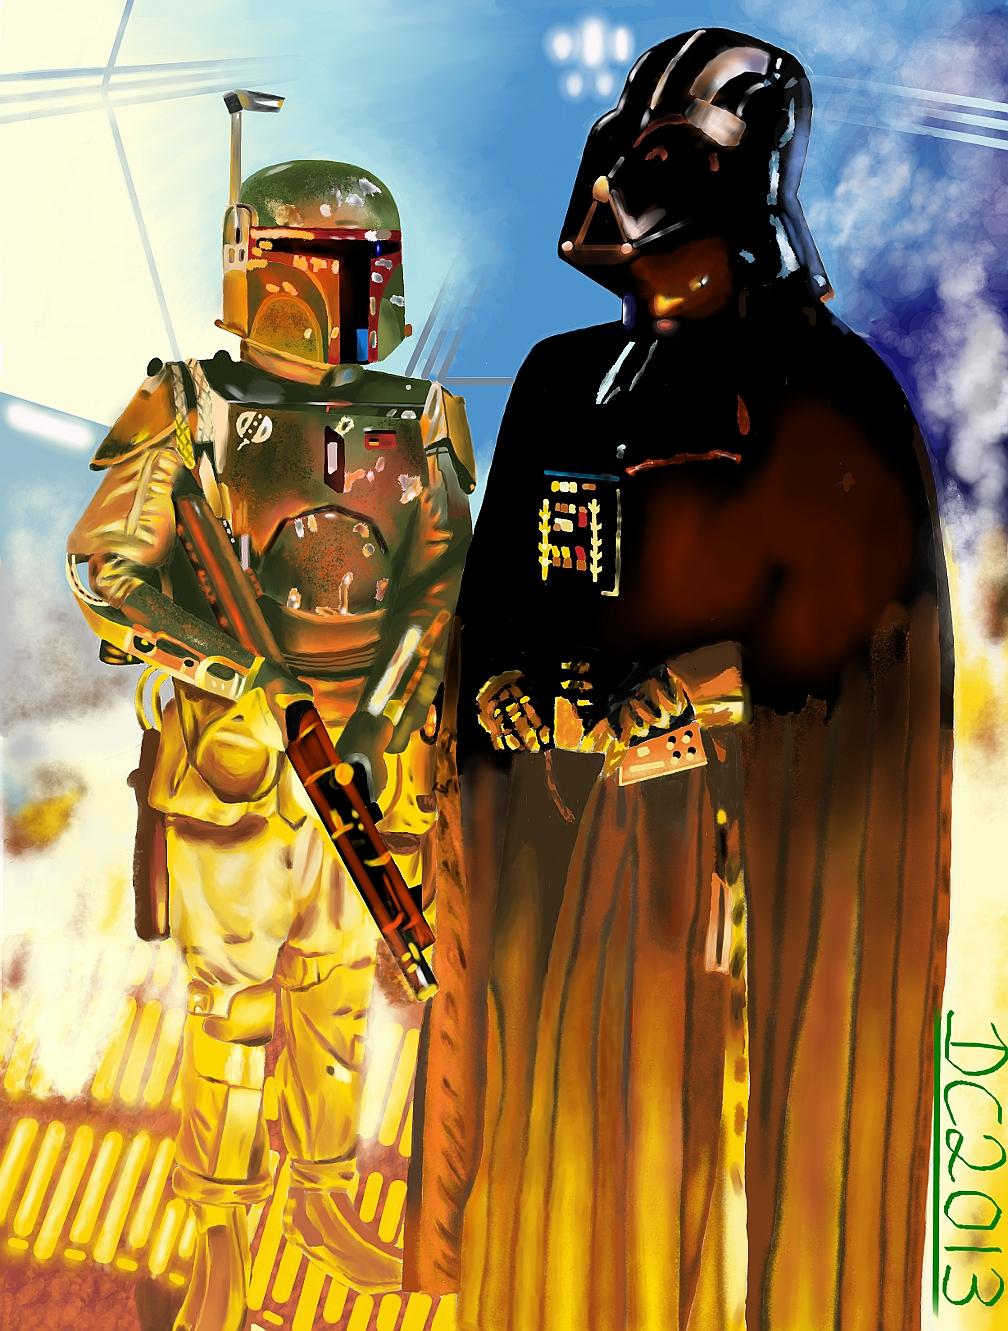 Darth Vader and Boba Fett by David-c2011 on DeviantArt